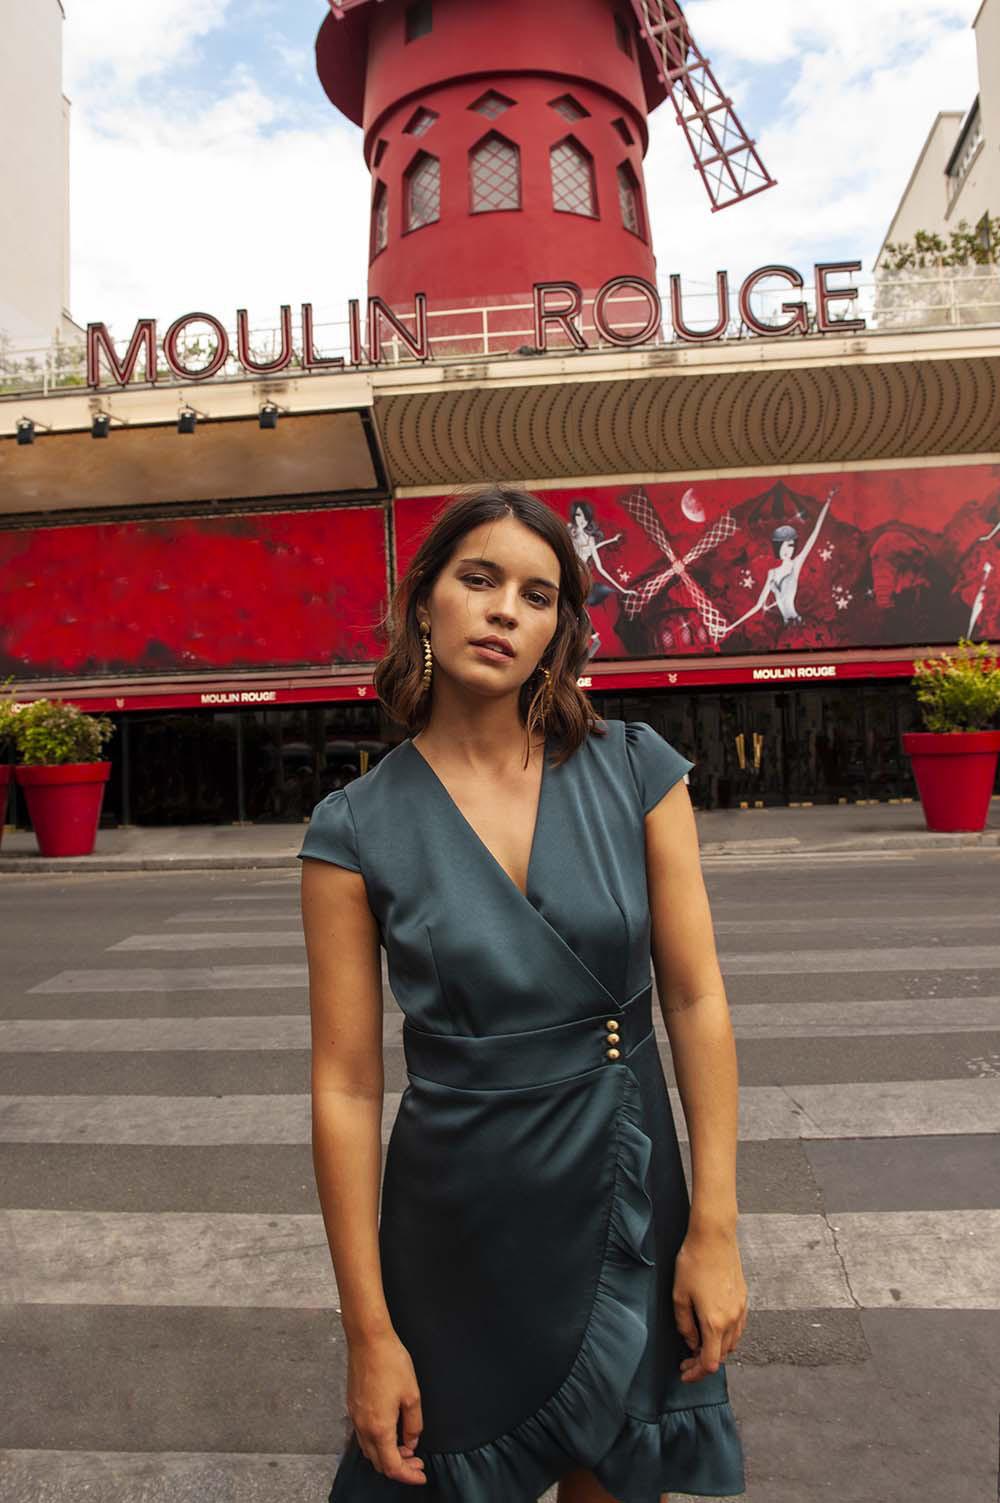 Paris24h_Page_08_Image_0003.jpg